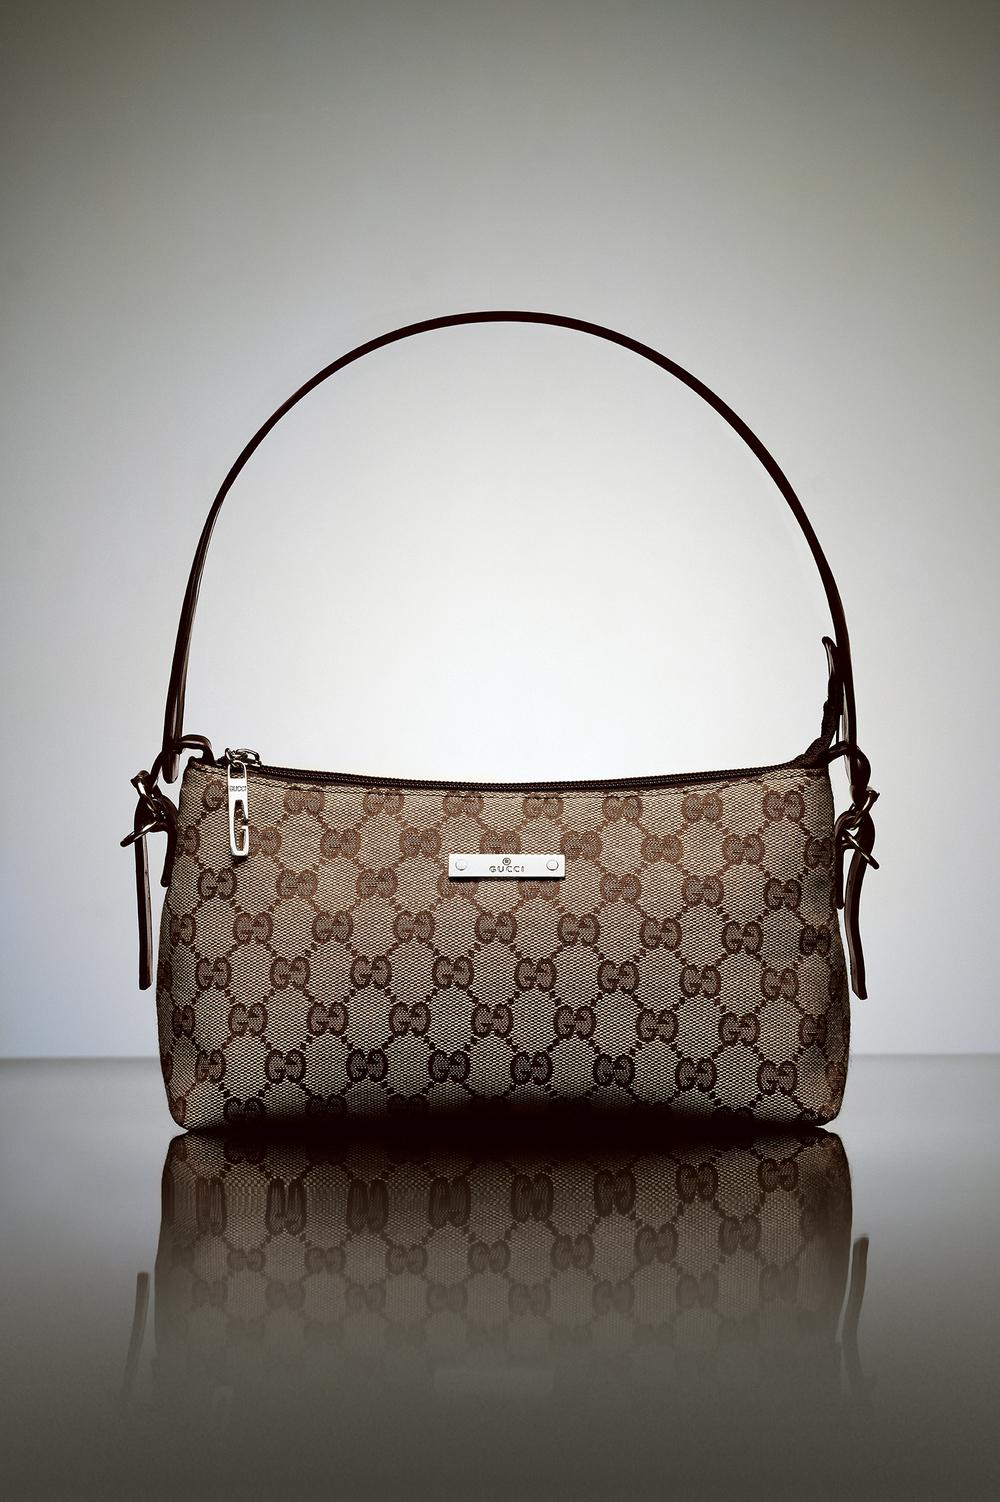 Gucci: R$ 105,00 (série O Que Te Seduz) (detalhe) •2003/2004 •Fotografia, impressão digital, recibo de compra •120 x 80 cm, 30 x 30 cm (díptico)